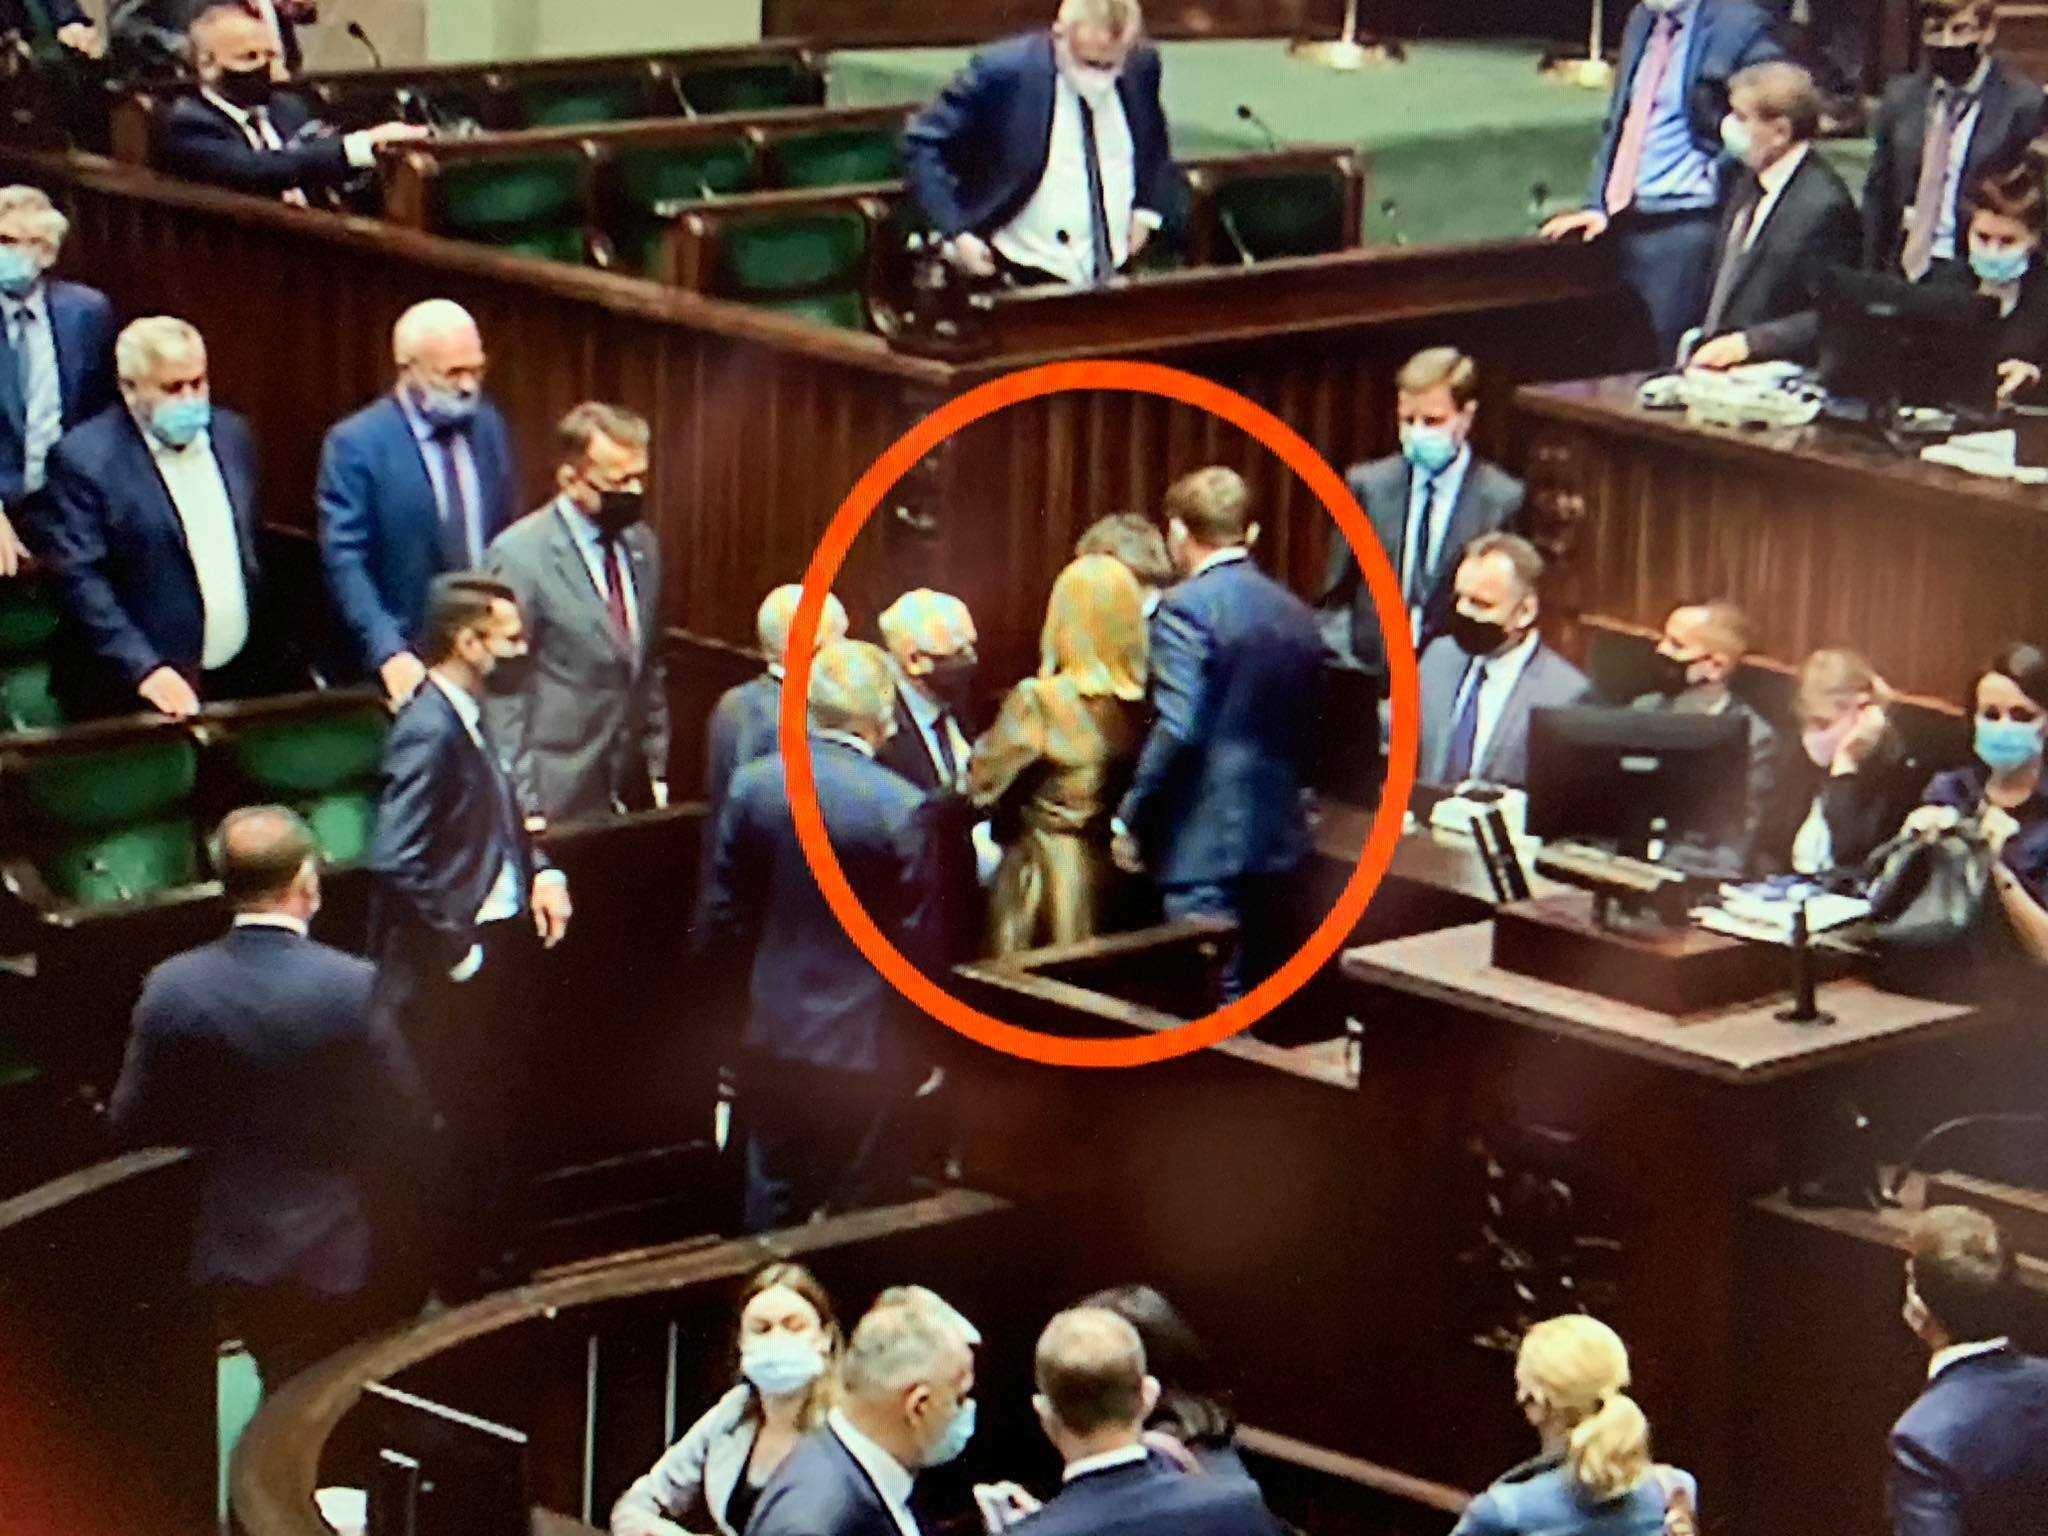 Kłótnia w Sejmie. Posłanka w złotej sukience własnym ciałem zasłoniła Kaczyńskiego